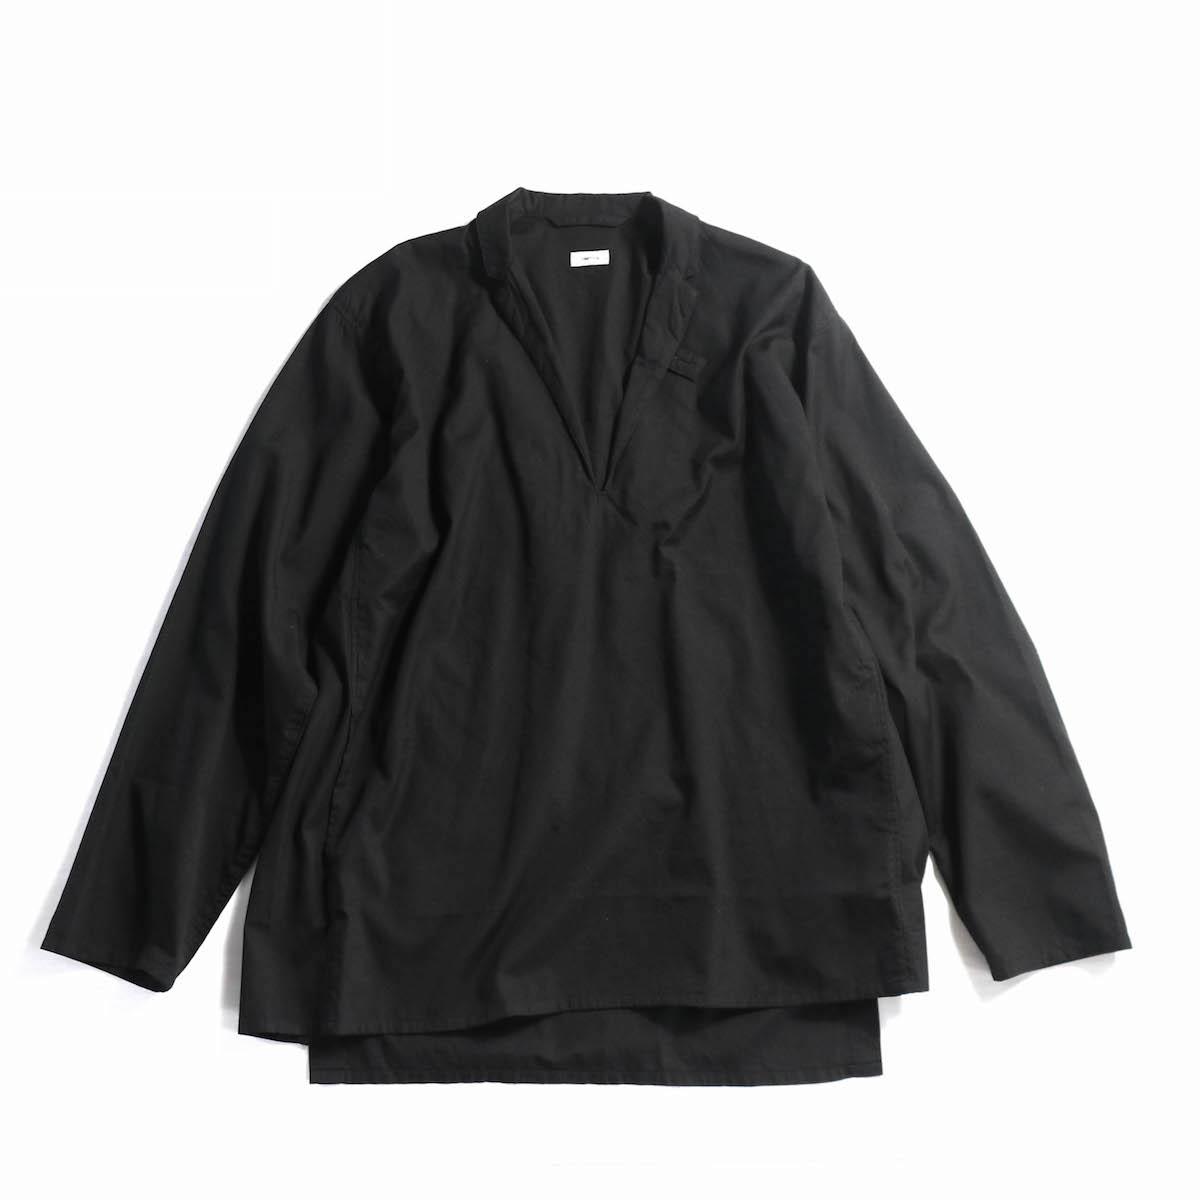 blurhms / Soft Ox Tailored Pullover Shirt